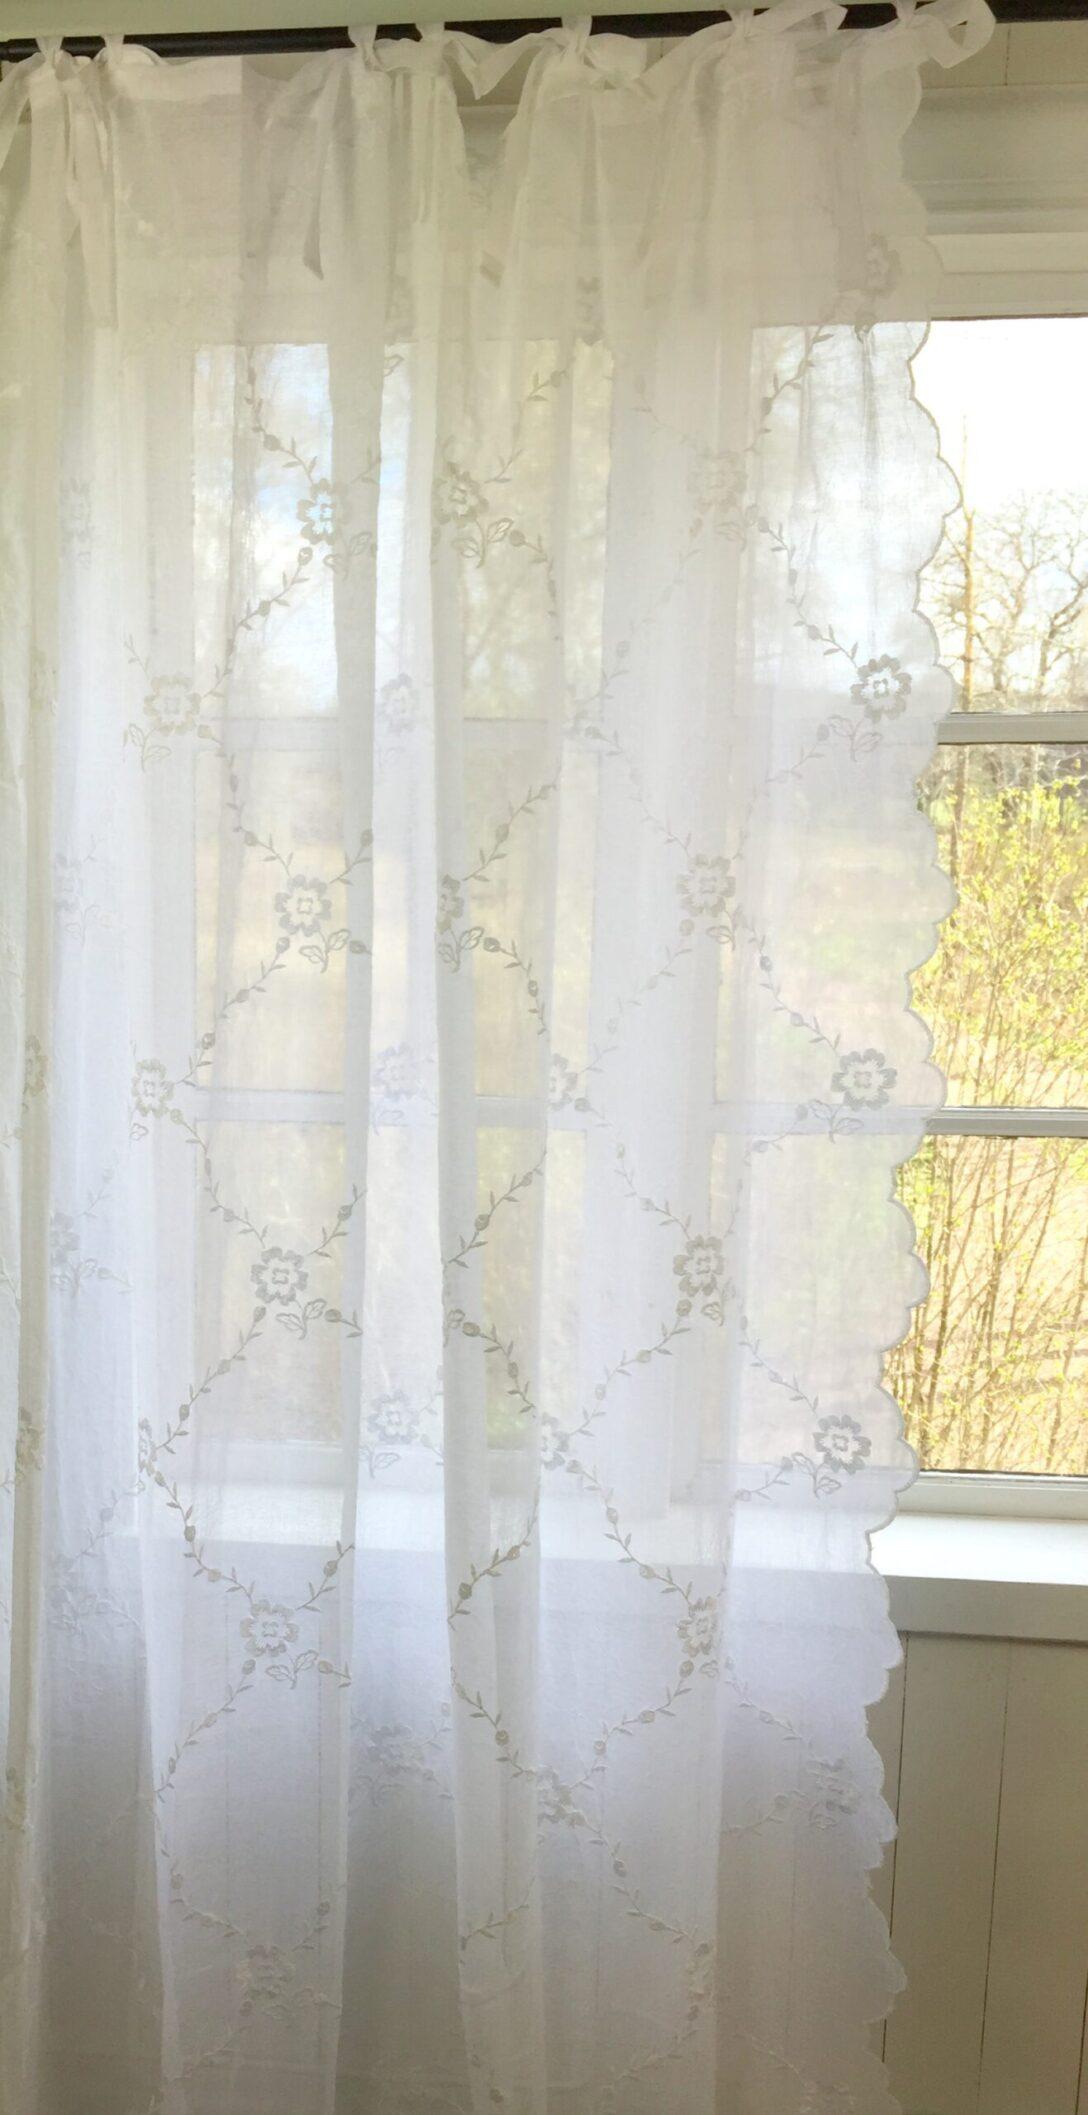 Large Size of Gardinen Schlafzimmer Landhausstil Landhaus Kommoden Küche Deckenleuchten Wohnzimmer Regal Lampe Rauch Teppich Wandbilder Fenster Wandlampe Vorhänge Bett Wohnzimmer Gardinen Schlafzimmer Landhausstil